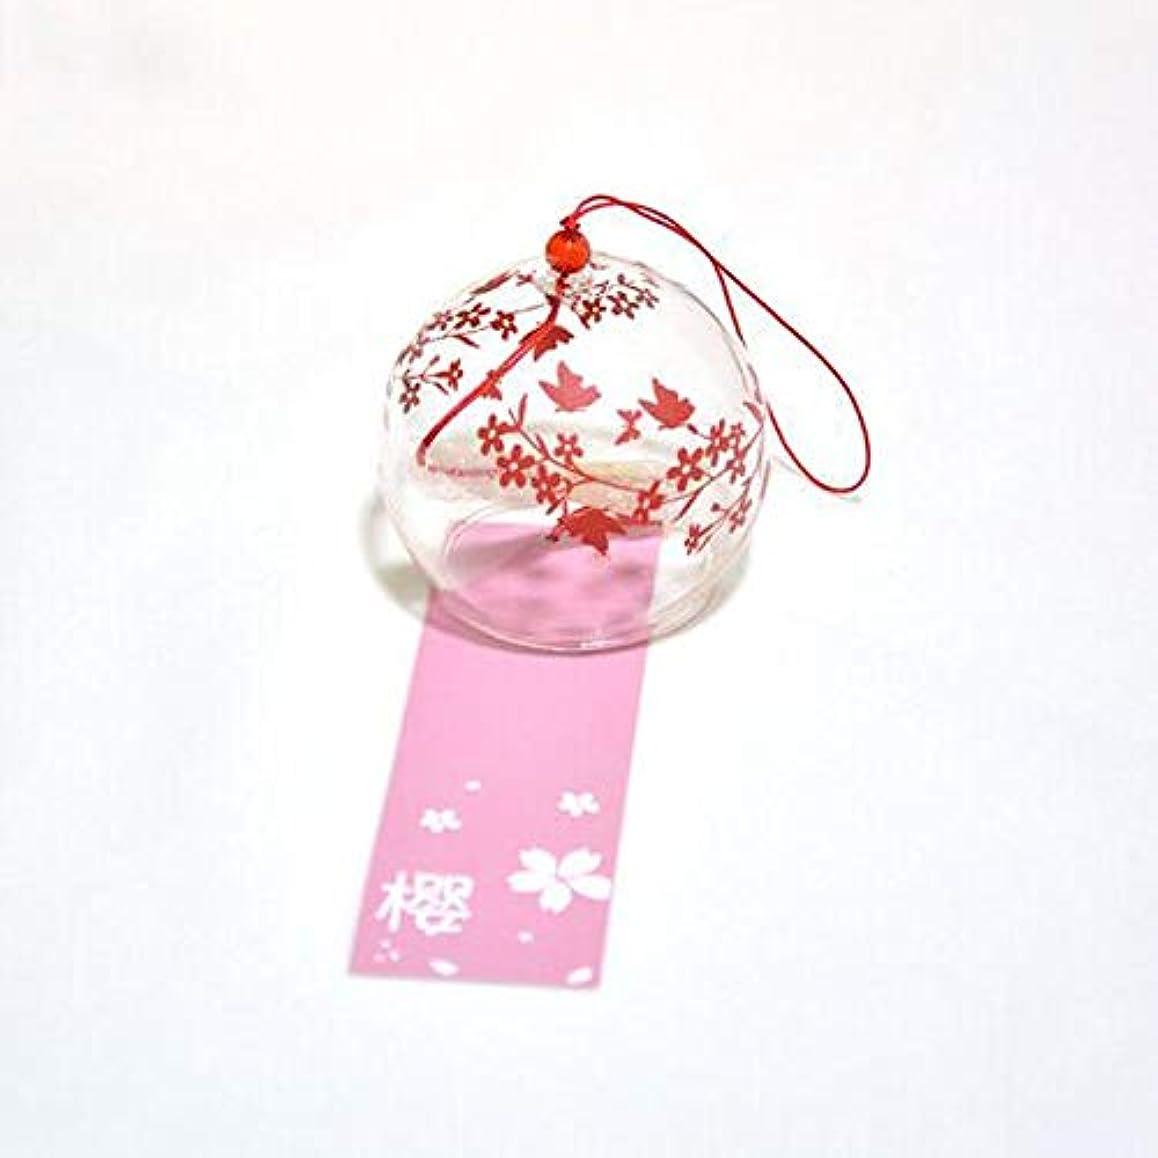 科学者不条理民間人Aishanghuayi 風チャイム、手描きのグラス風チャイム、透明、サイズ6 * 7CM,ファッションオーナメント (Color : Red)